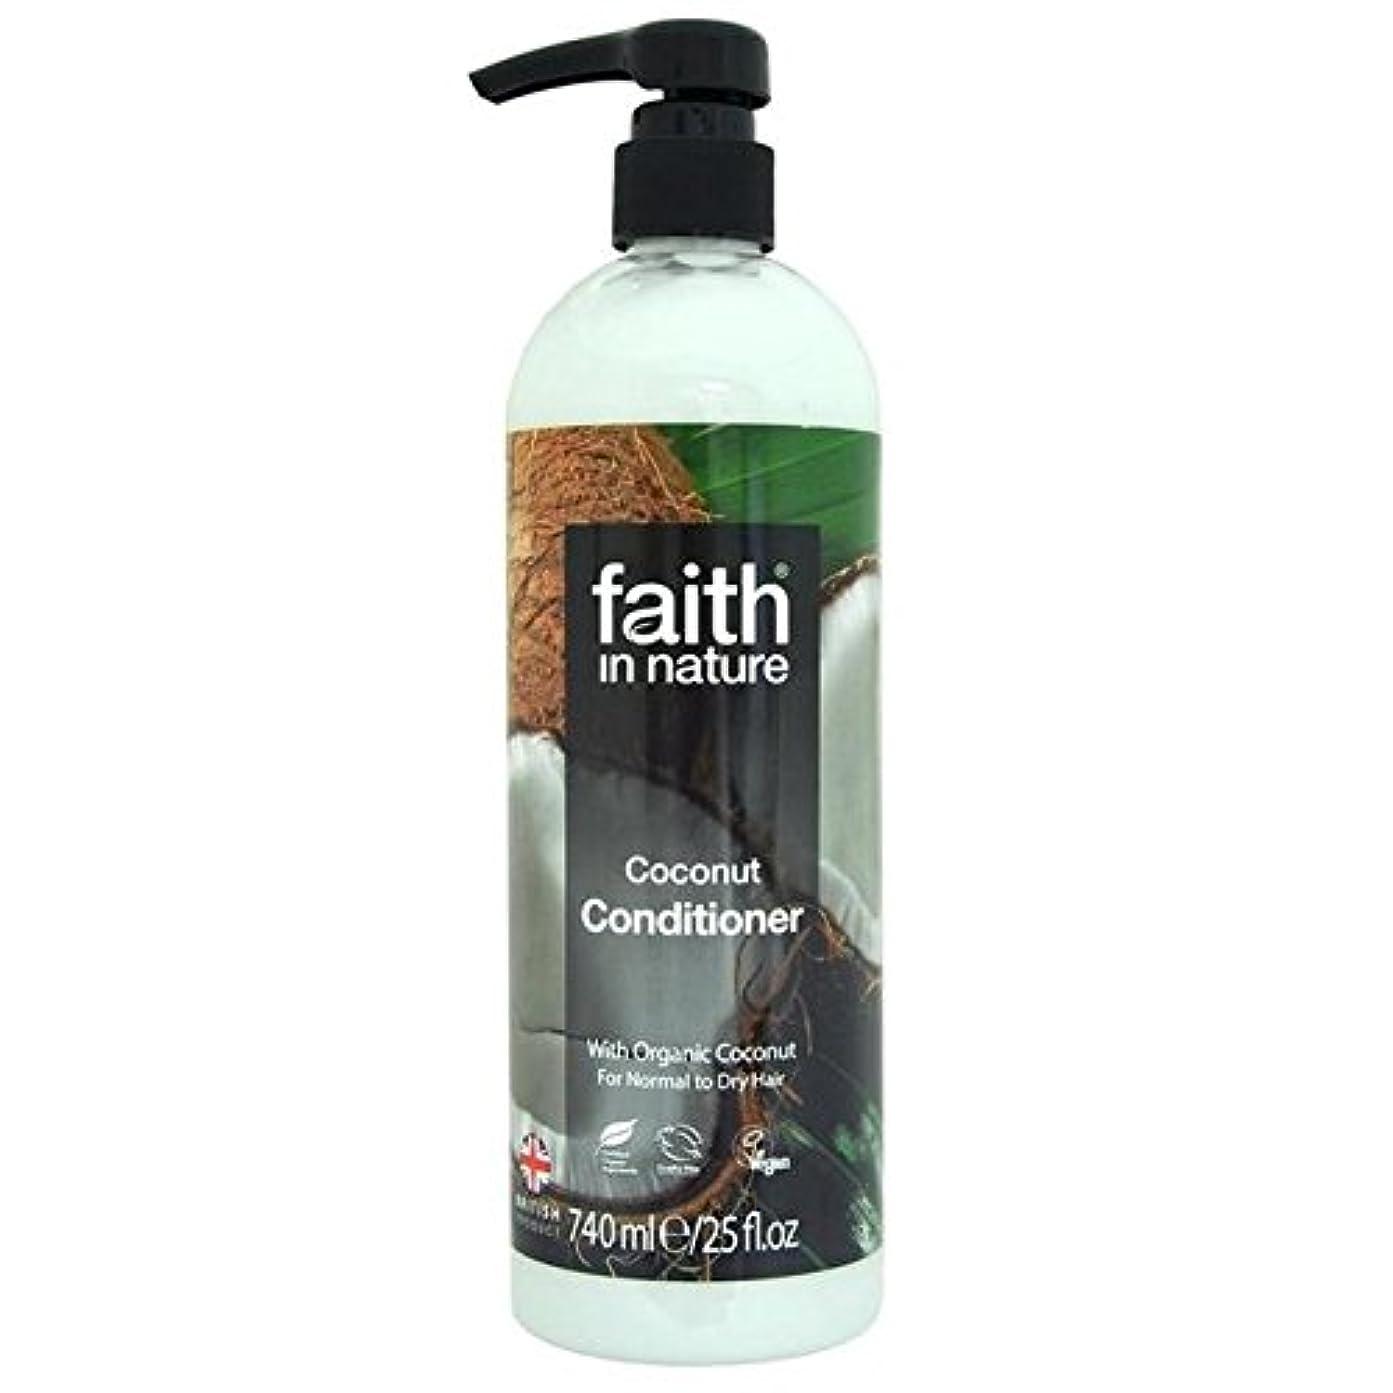 忘れる妊娠した逆さまにFaith in Nature Coconut Conditioner 740ml (Pack of 4) - (Faith In Nature) 自然ココナッツコンディショナー740ミリリットルの信仰 (x4) [並行輸入品]